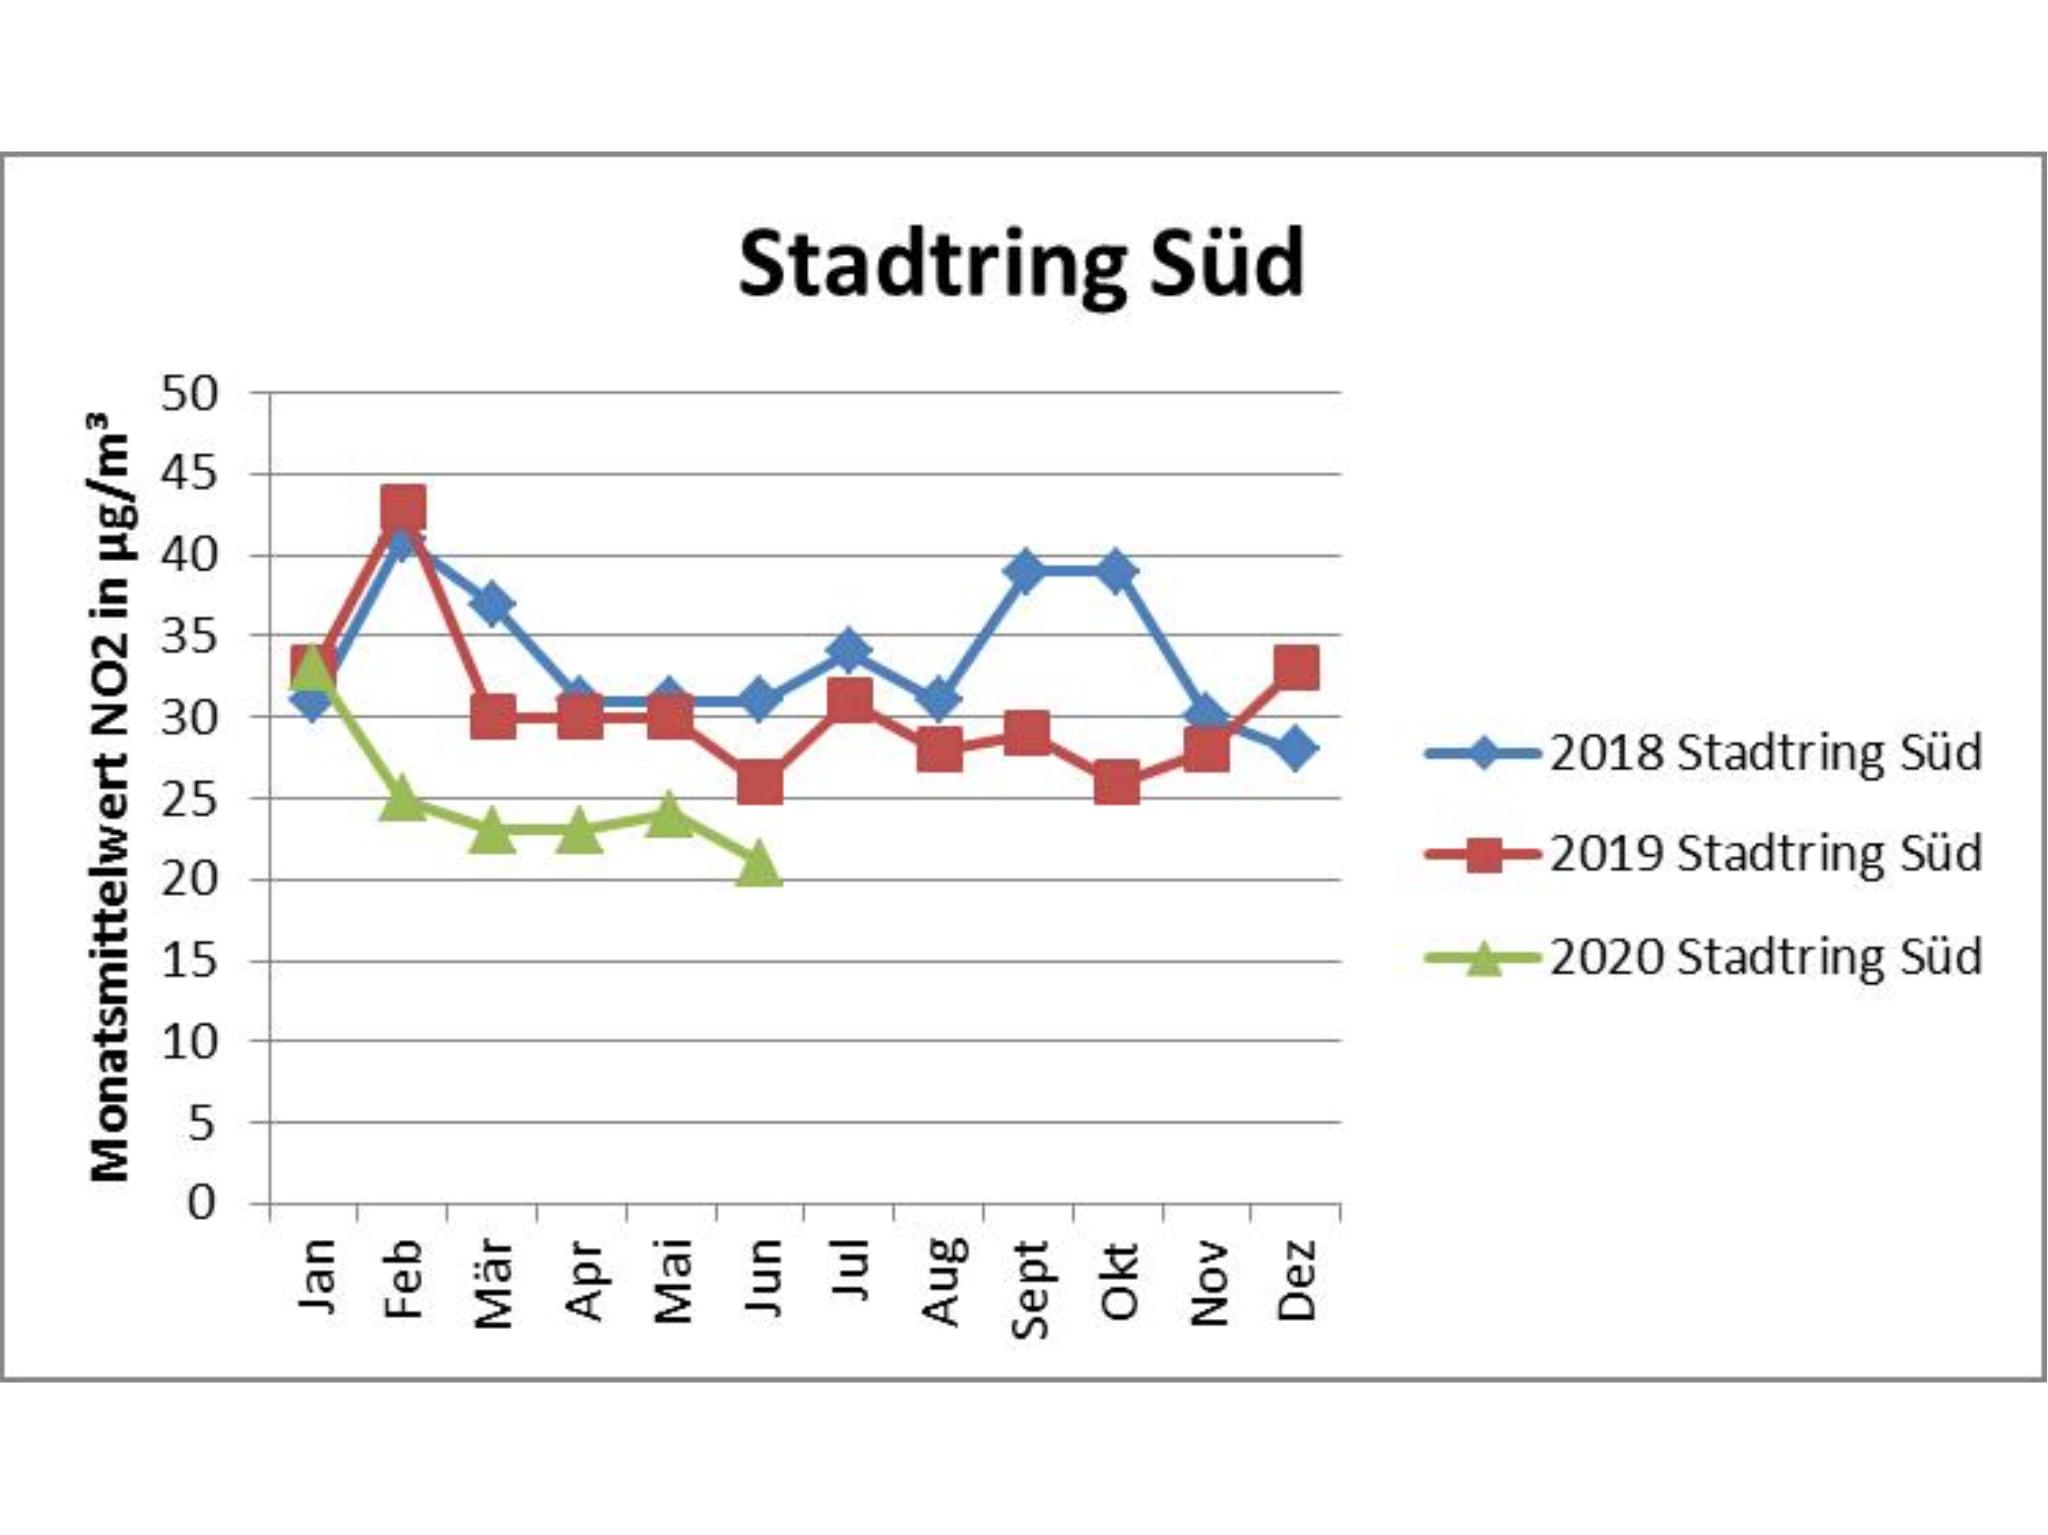 Verlauf der Monatsmittelwerte der Konzentrationen von Stickstoffdioxid vom Januar 2018 bis zum Juni 2020 an der Messstelle des Landesamtes für Umwelt am Stadtring Süd. Grafik: Stadt Würzburg